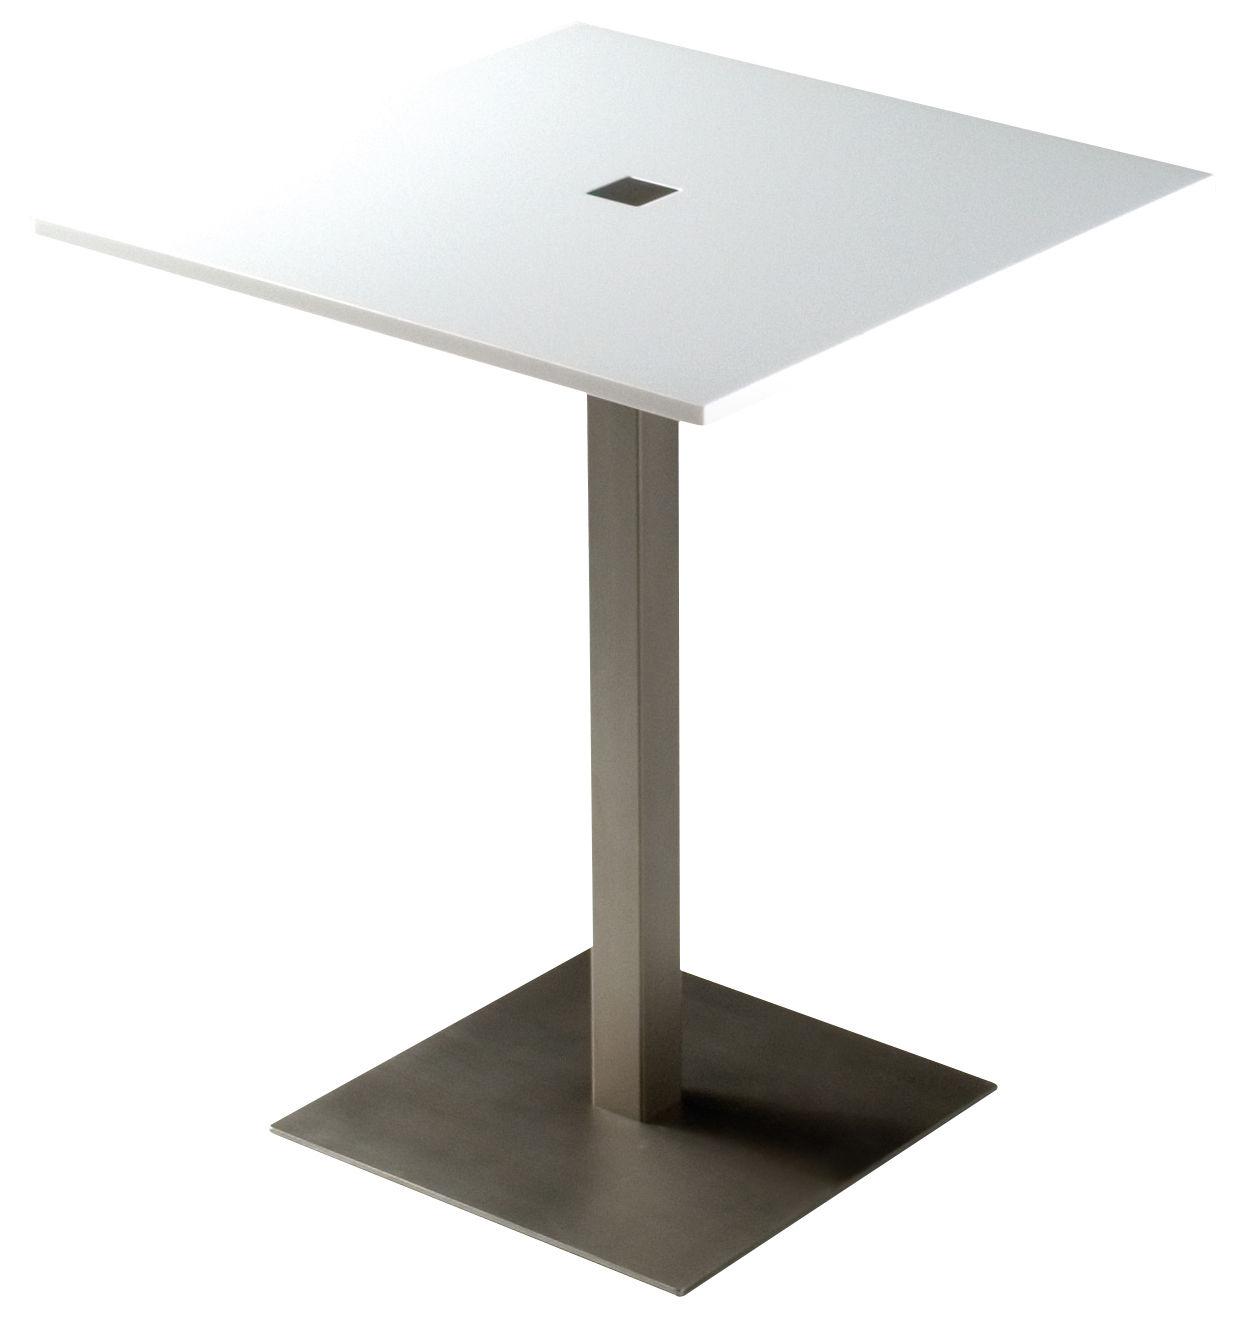 Mobilier - Tables - Table carrée Slam / 74 x 74 cm - Zeus - Blanc brillant - 74x74 cm - Acier sablé, Résine acrylique